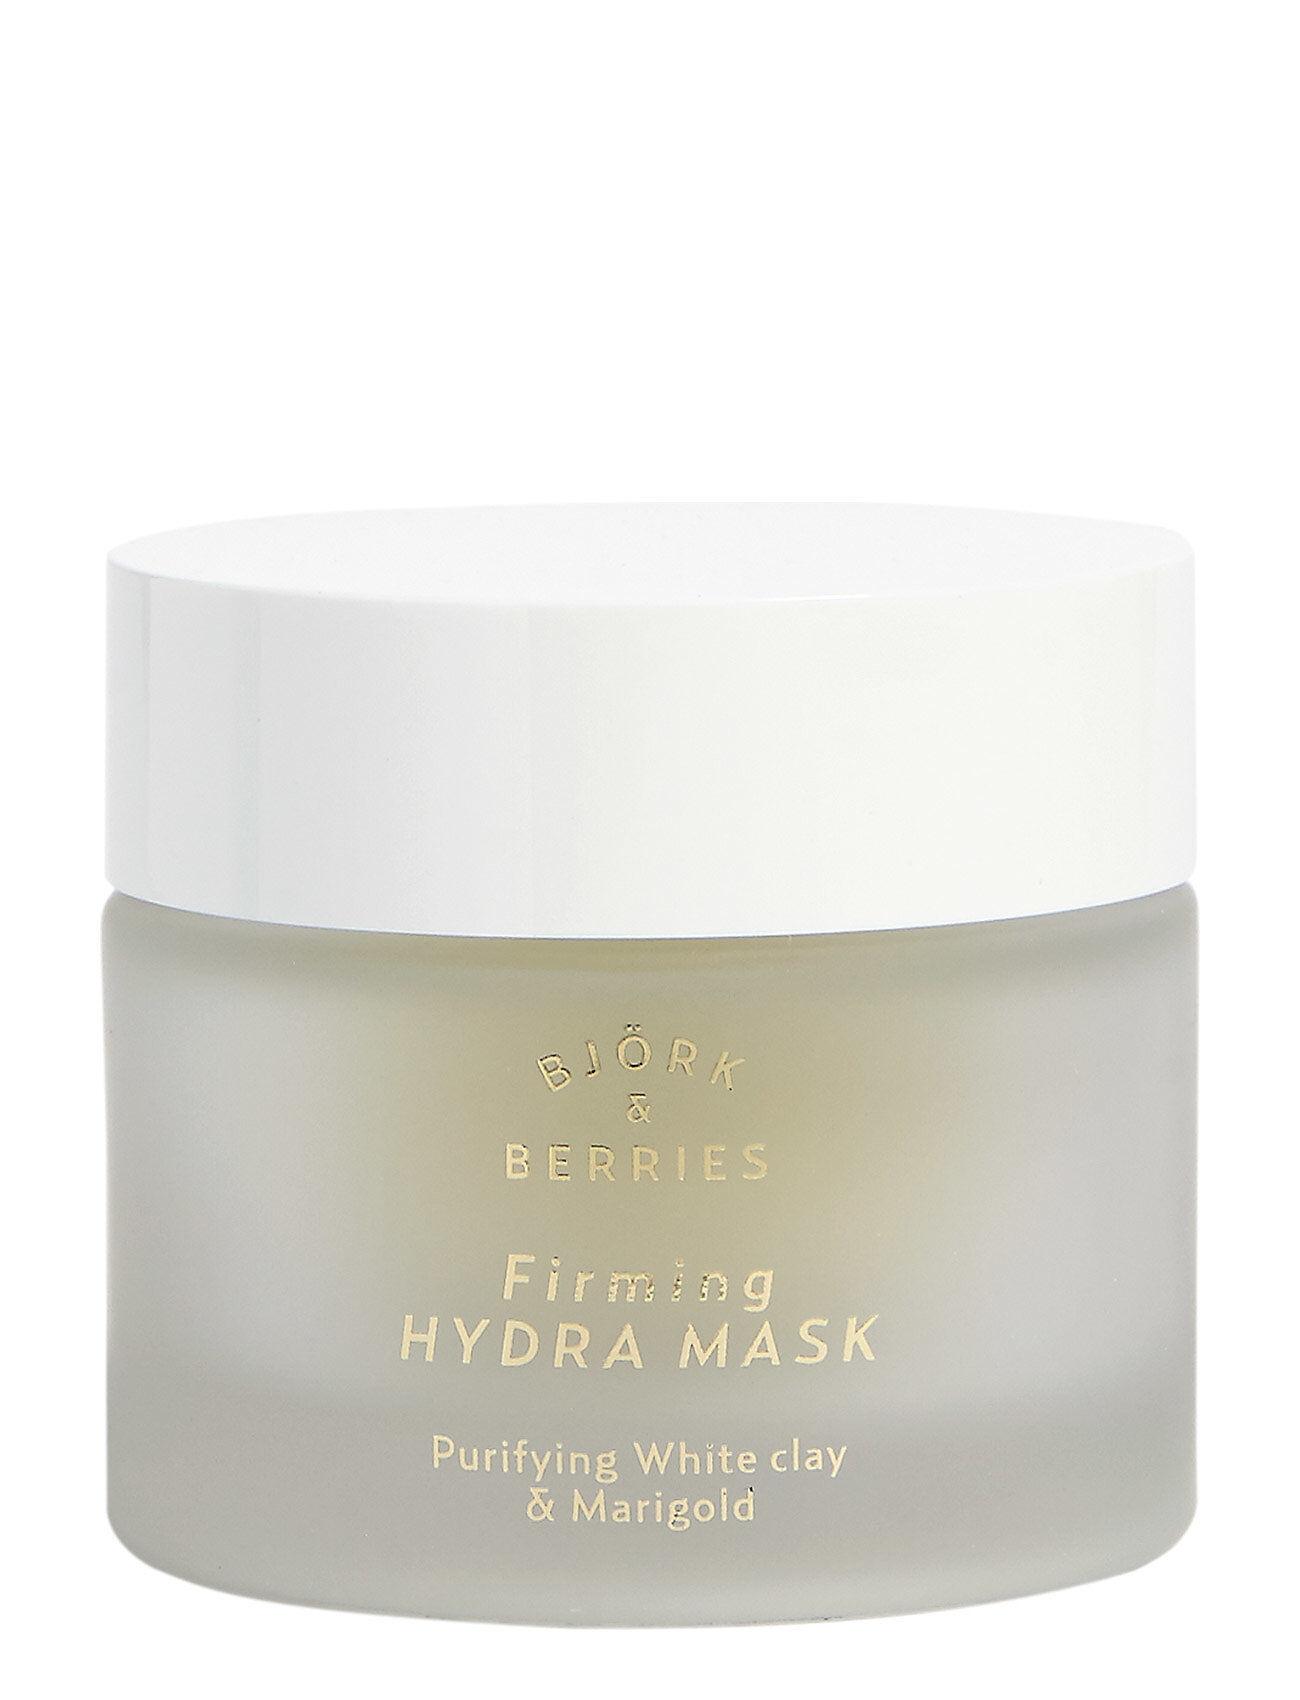 Björk & Berries Firming Hydra Mask